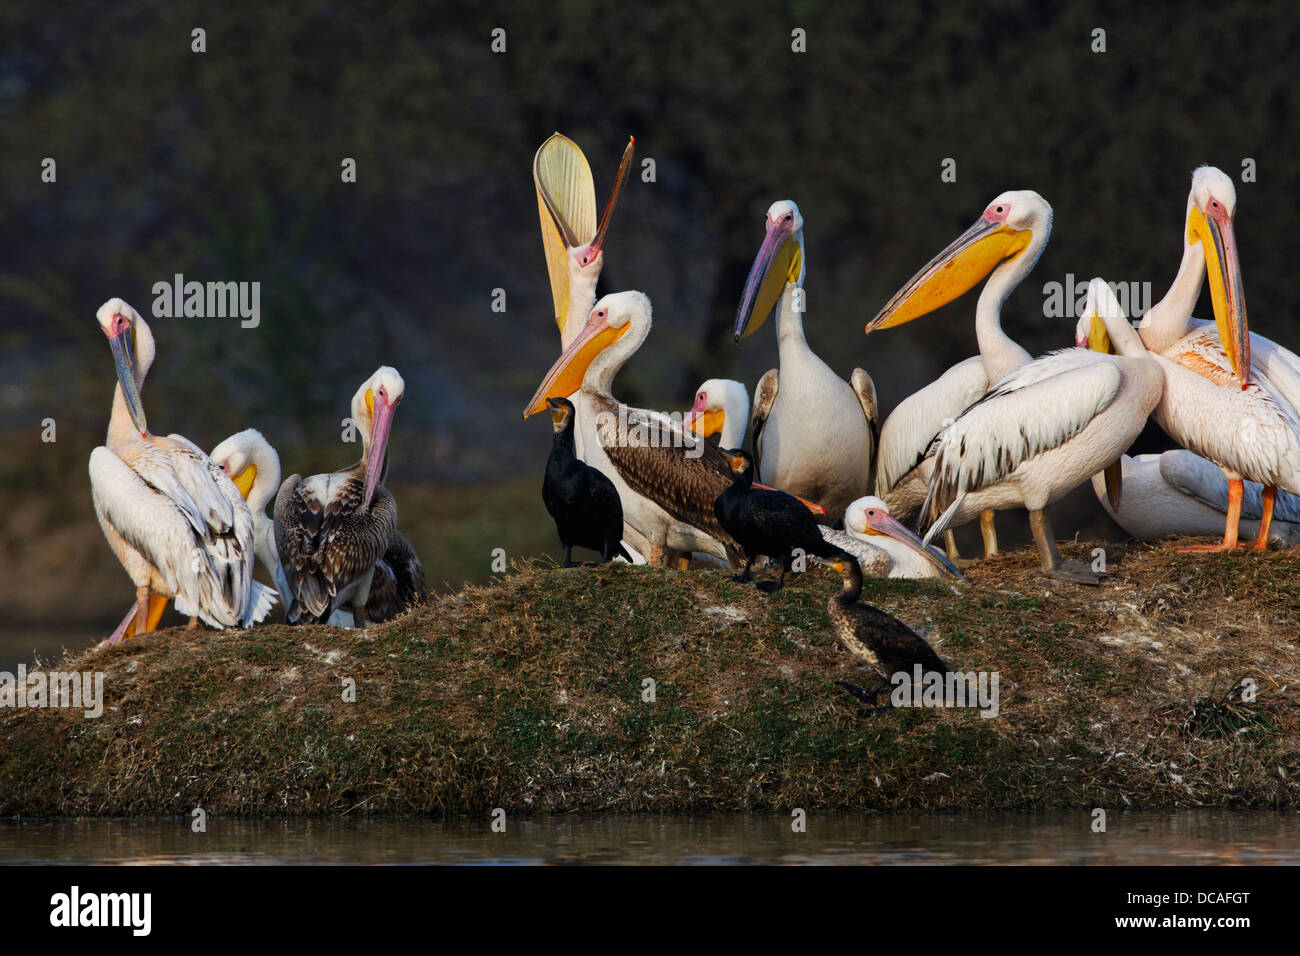 Great White Pelicans ( Pelecanus onocrotalus ) India. - Stock Image